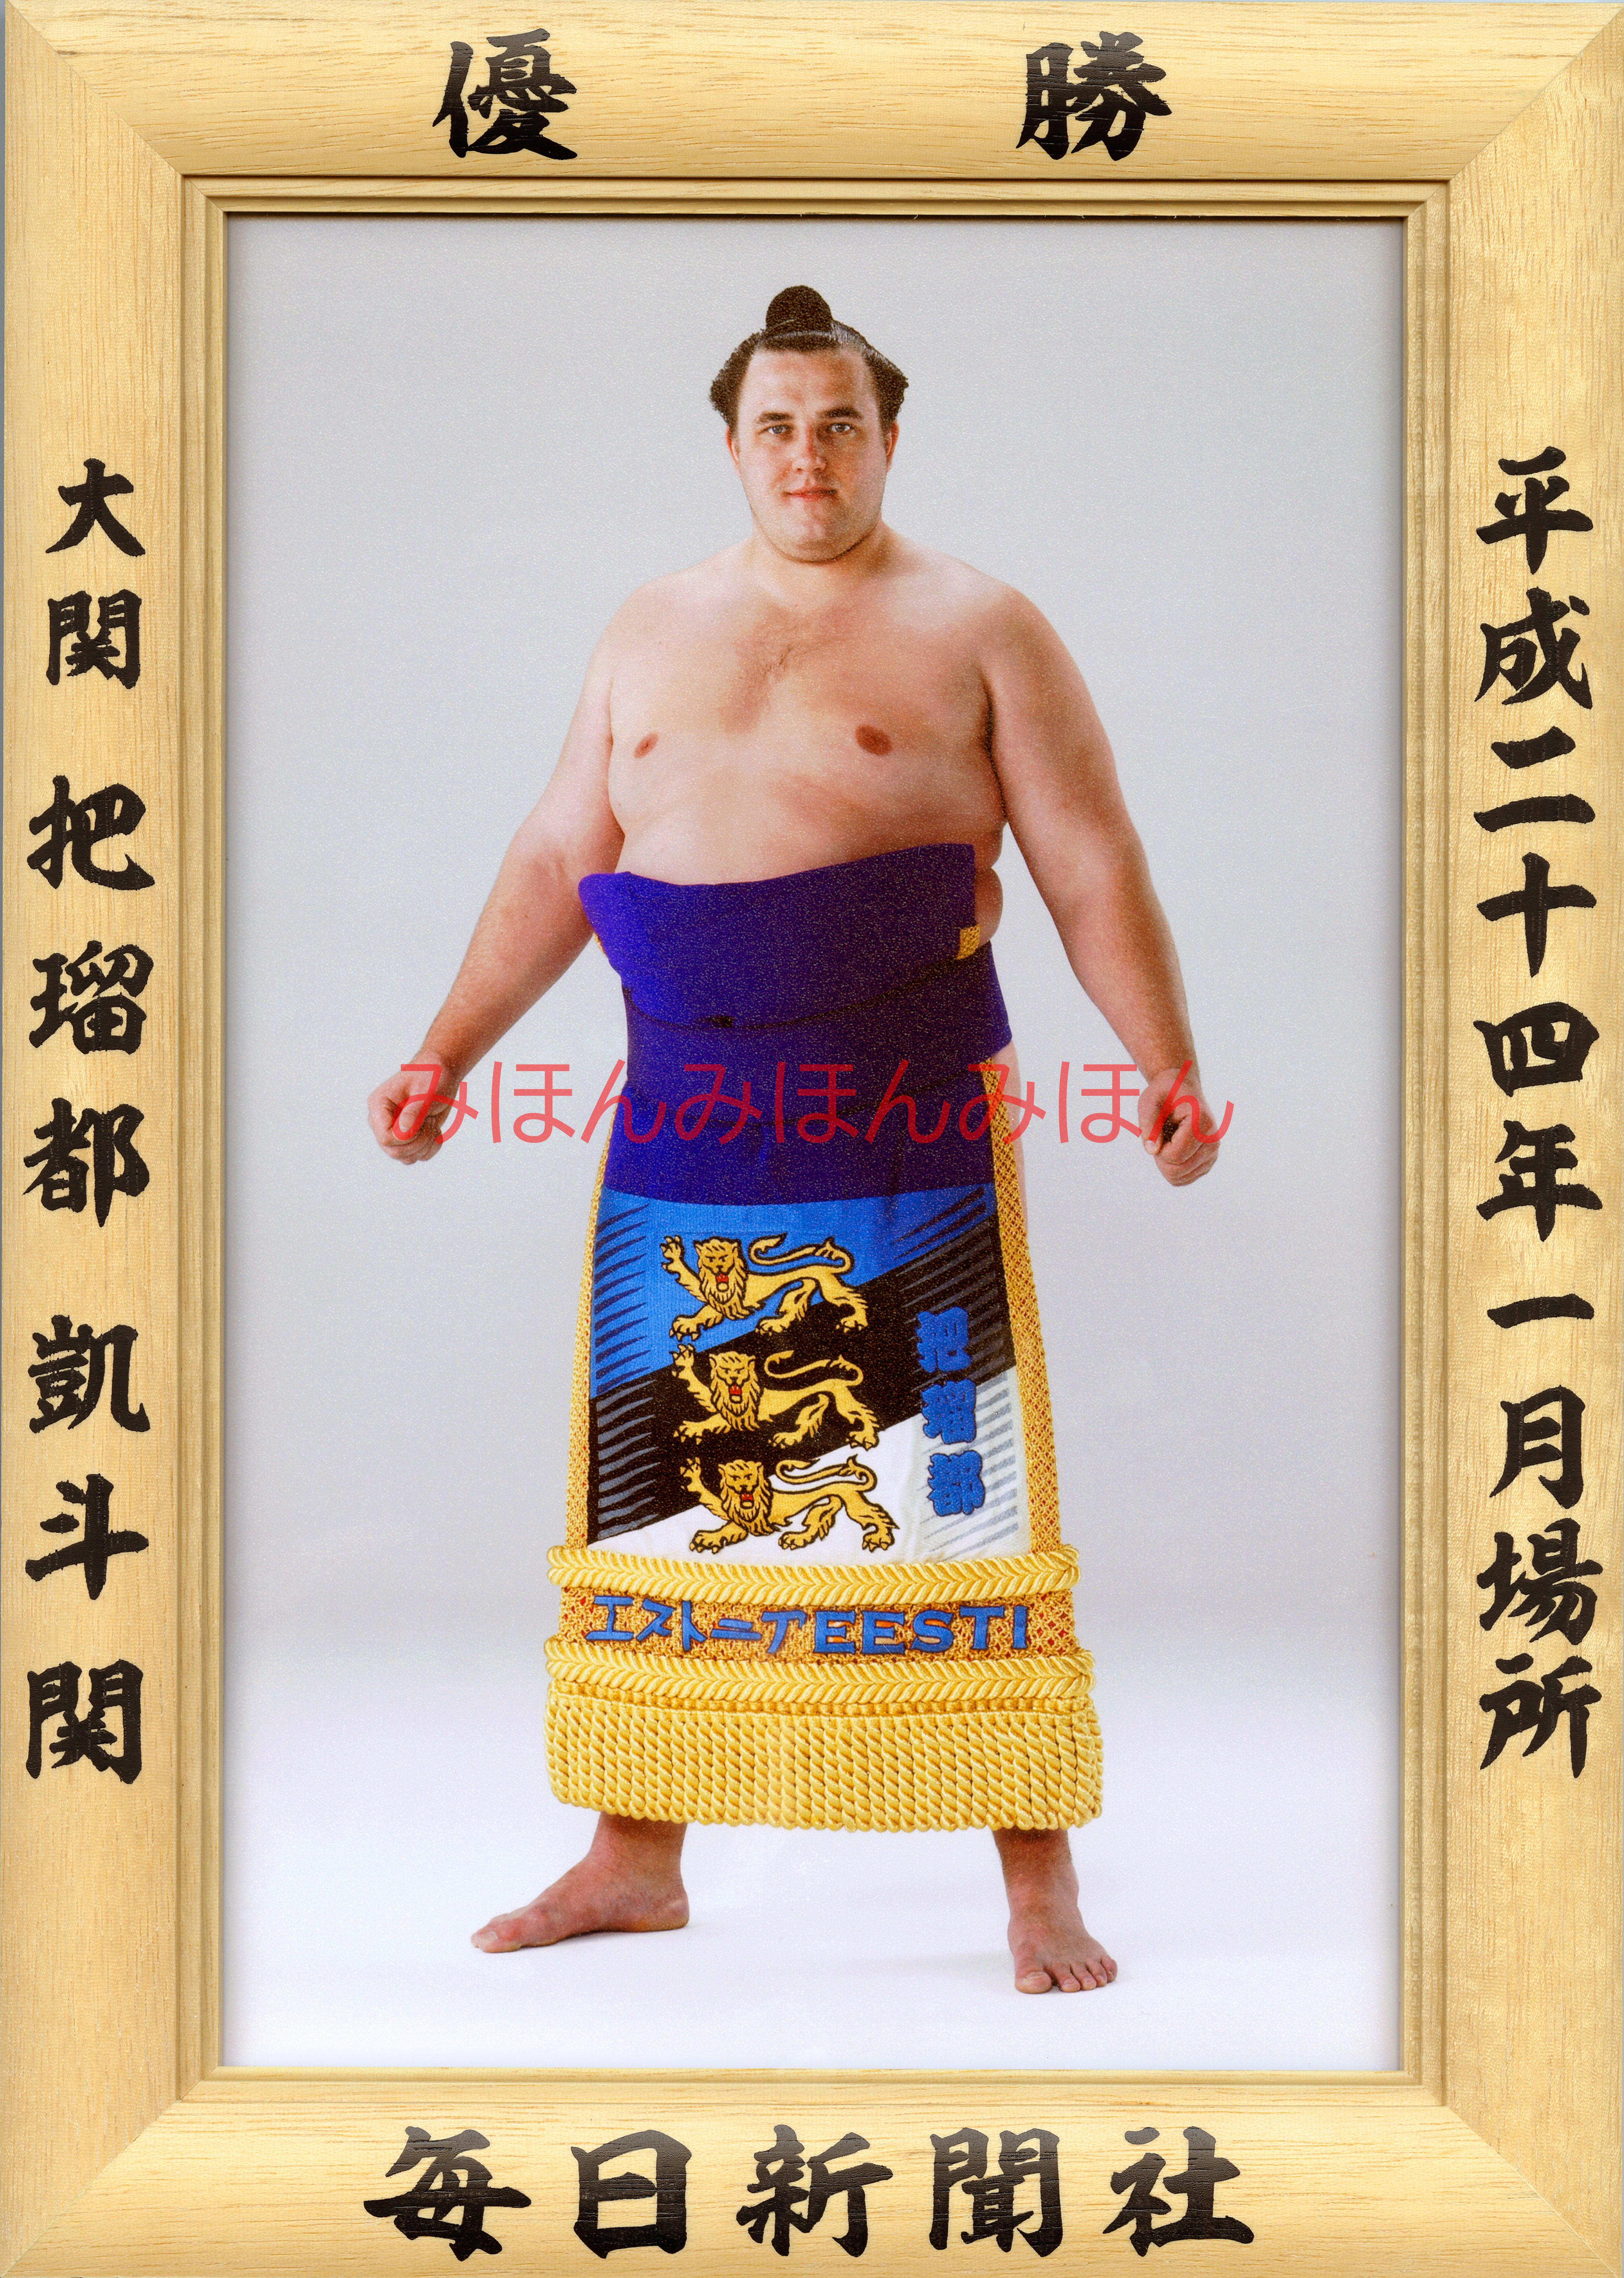 平成24年1月場所優勝 大関 把瑠都凱斗関